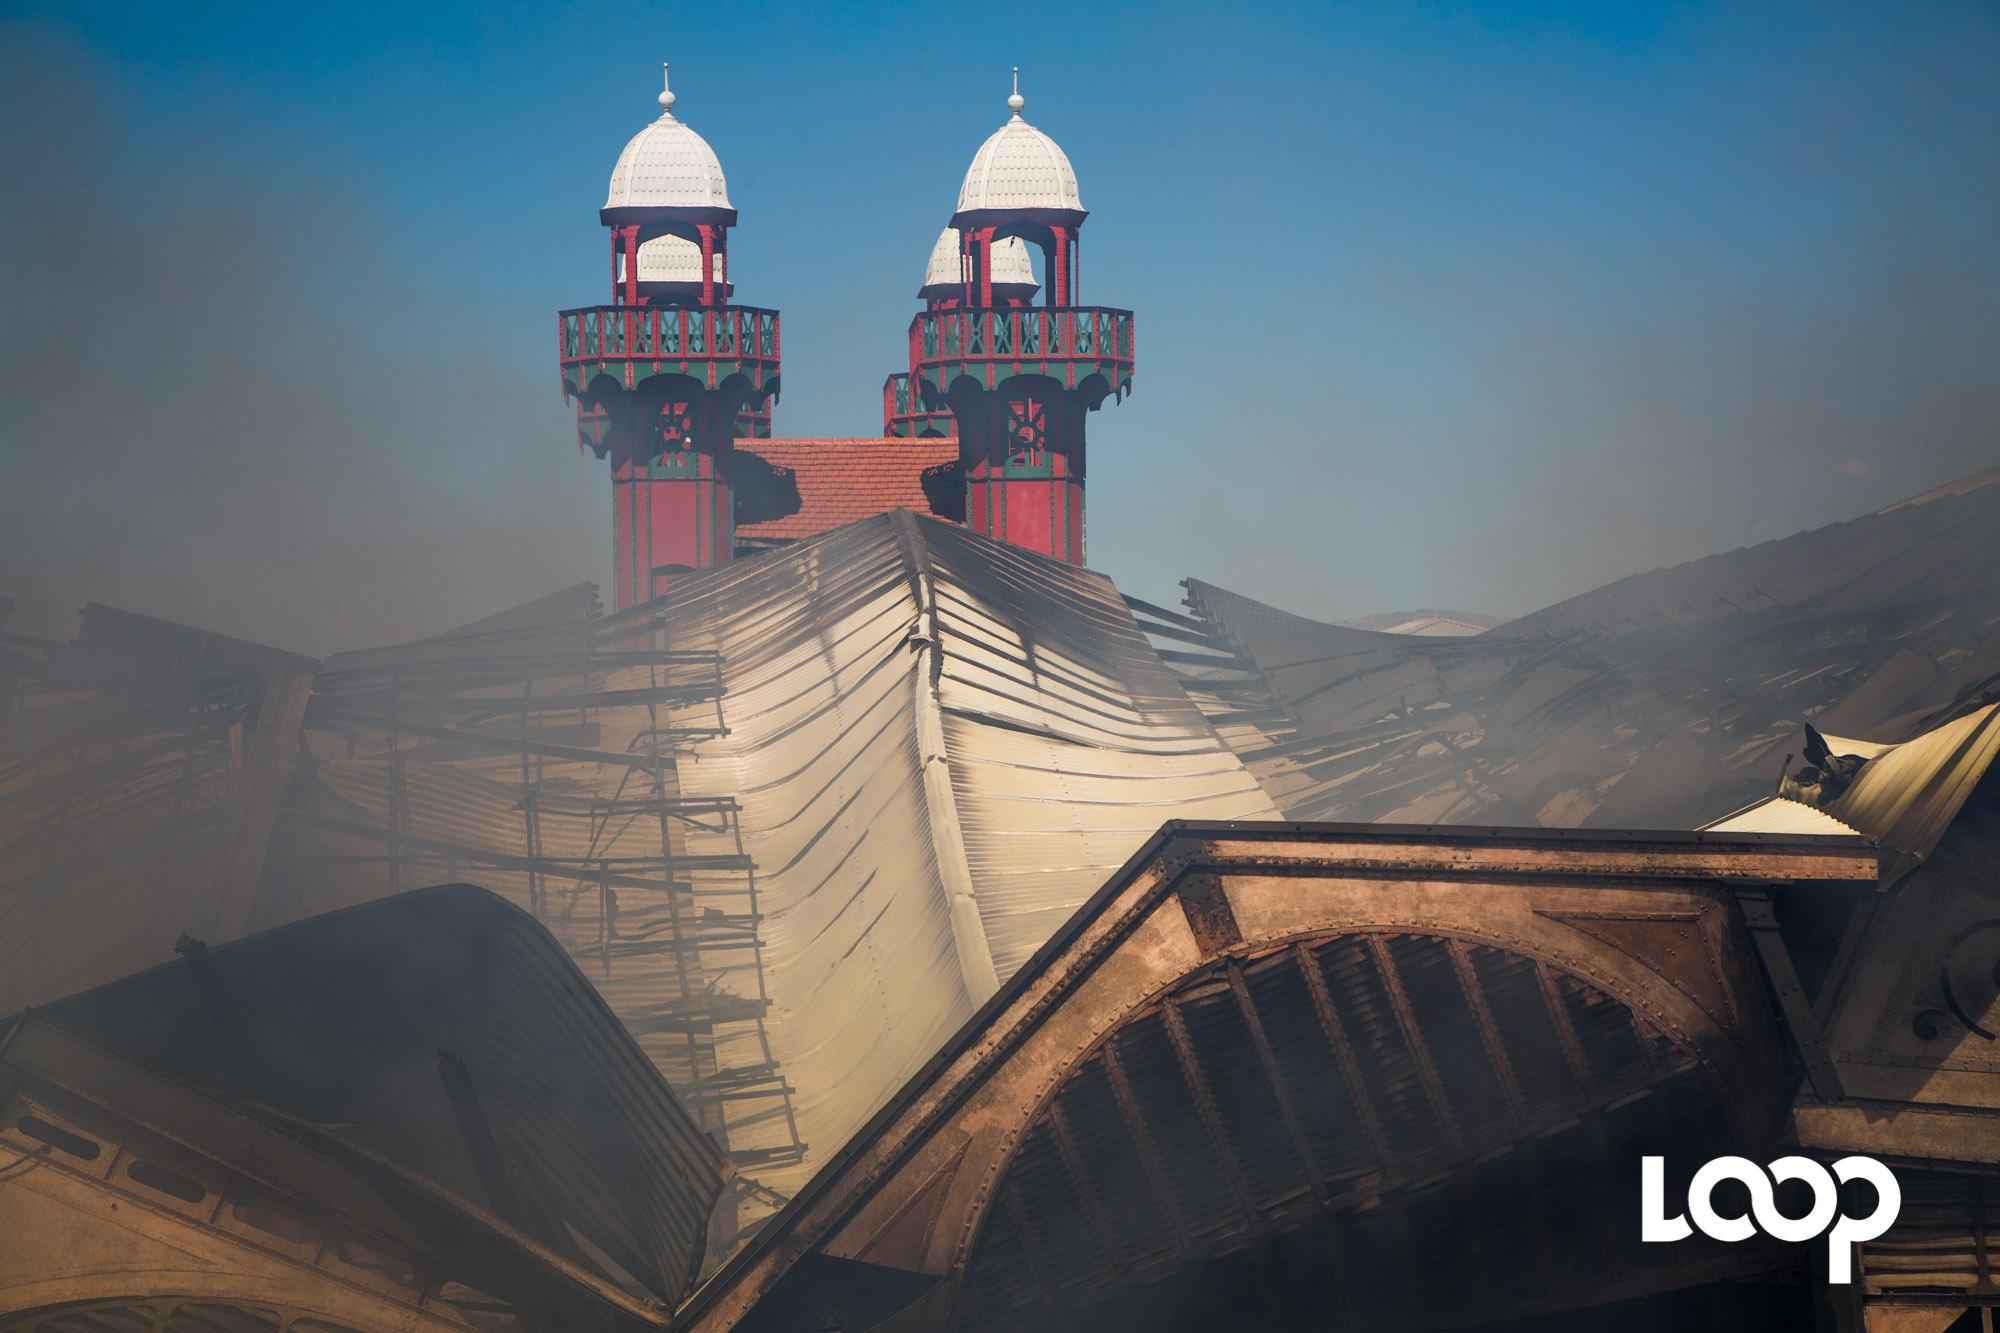 Ces marchés régulièrement incendiés dans la zone métropolitaine. Photo : LoopHaiti/Estailove St-Val.